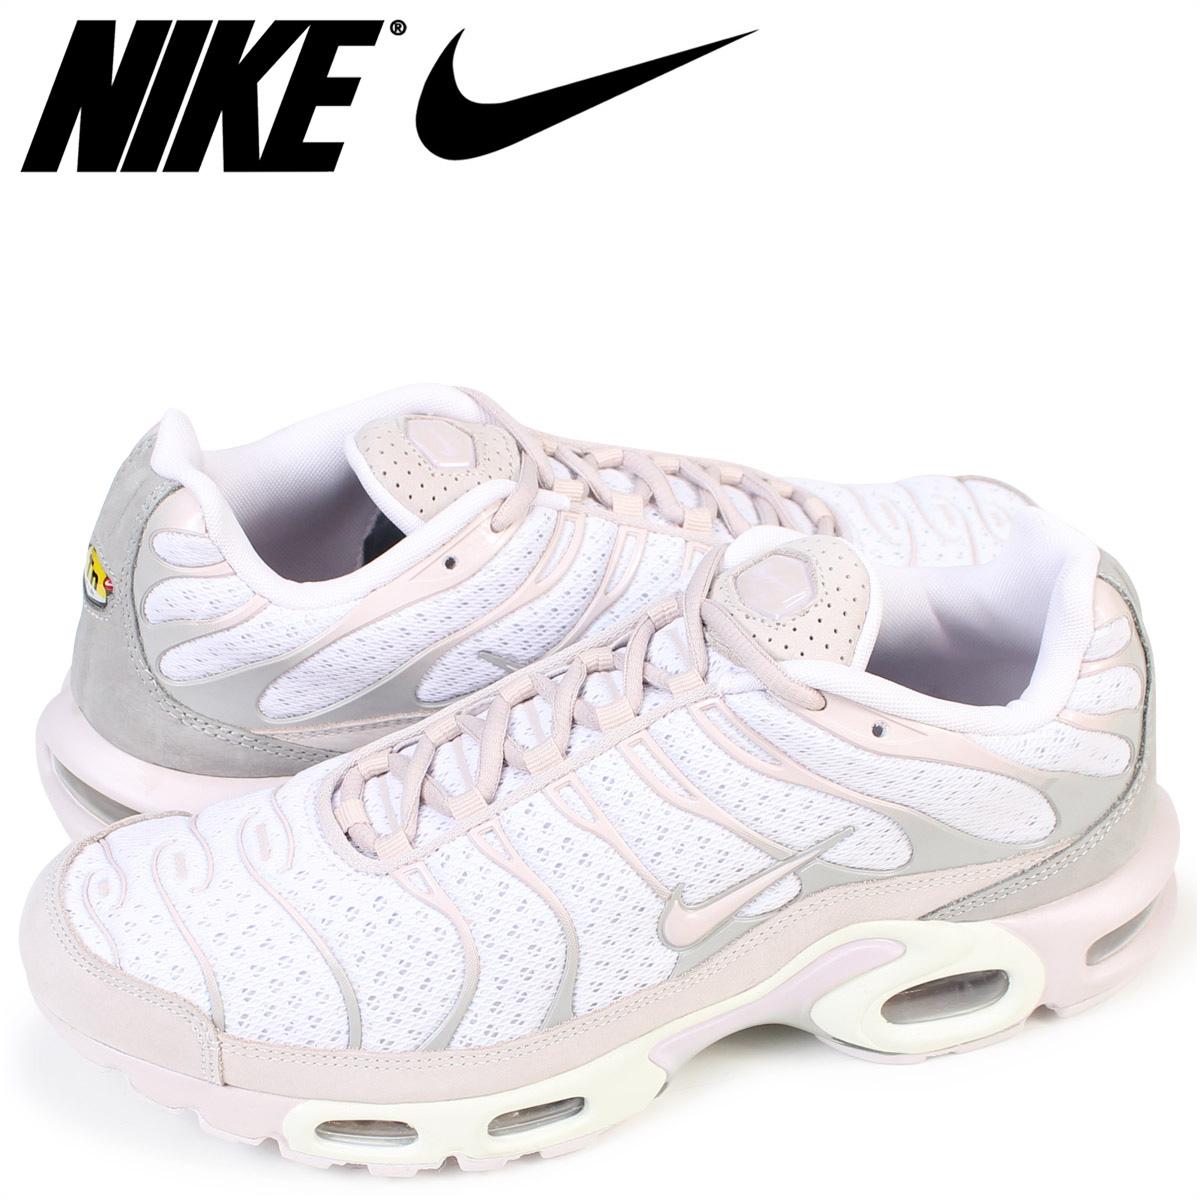 NIKE LAB ナイキ ラボ エアマックス スニーカー AIR MAX PLUS 898018-600 メンズ 靴 ピンク [179]